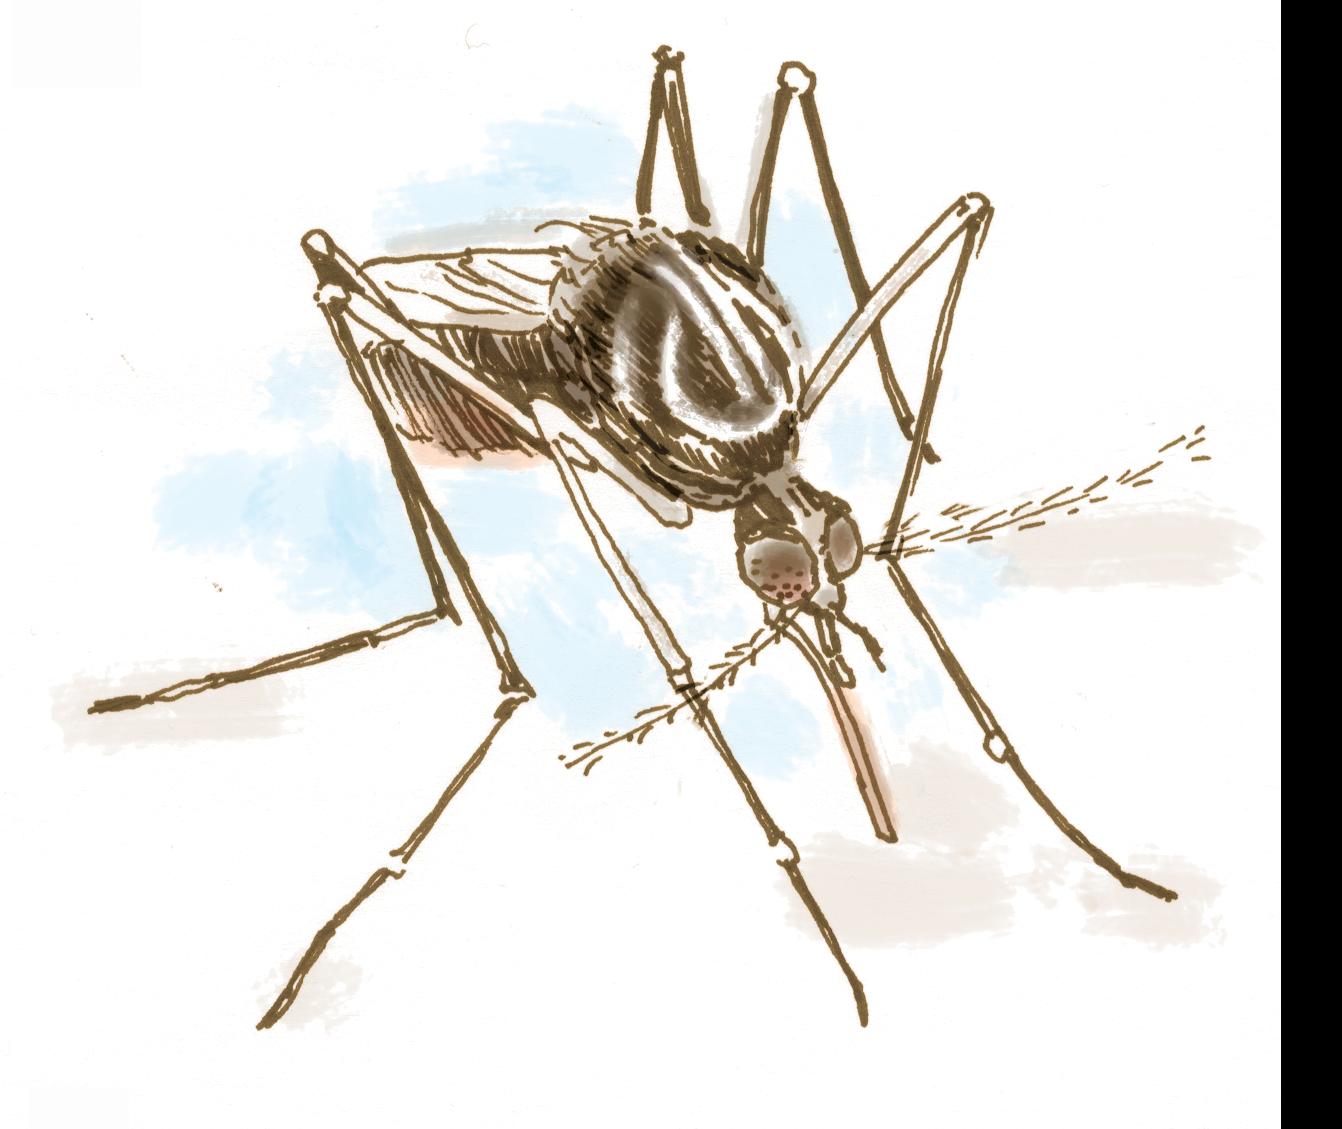 Mosquito clipart chikungunya. Could this bring zika